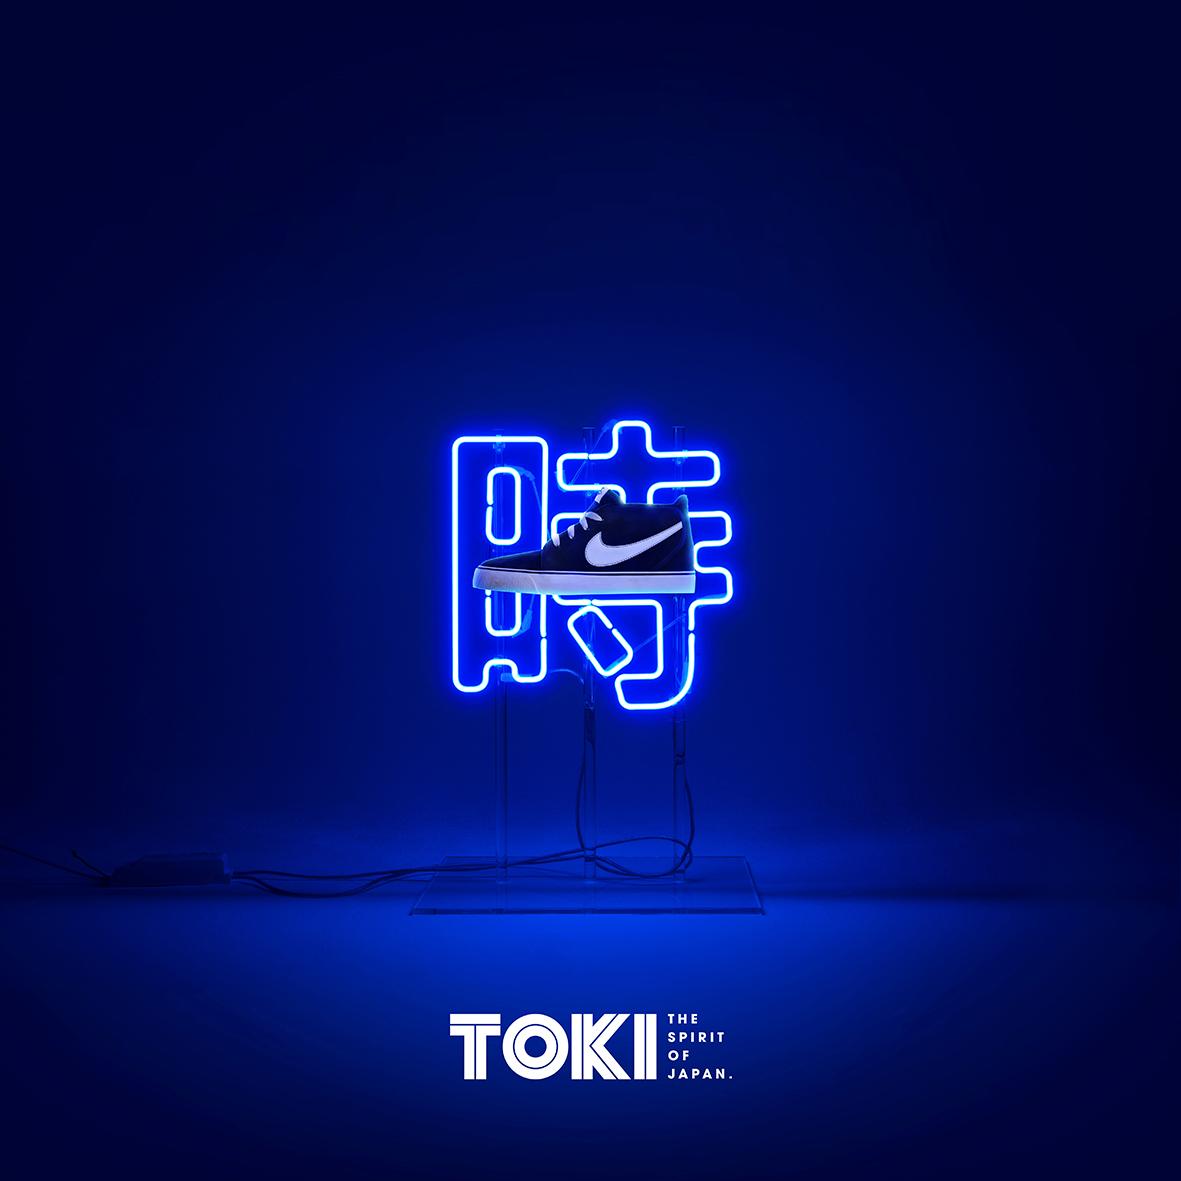 TOKI_FINAL_IMAGE_TYPE2.jpg